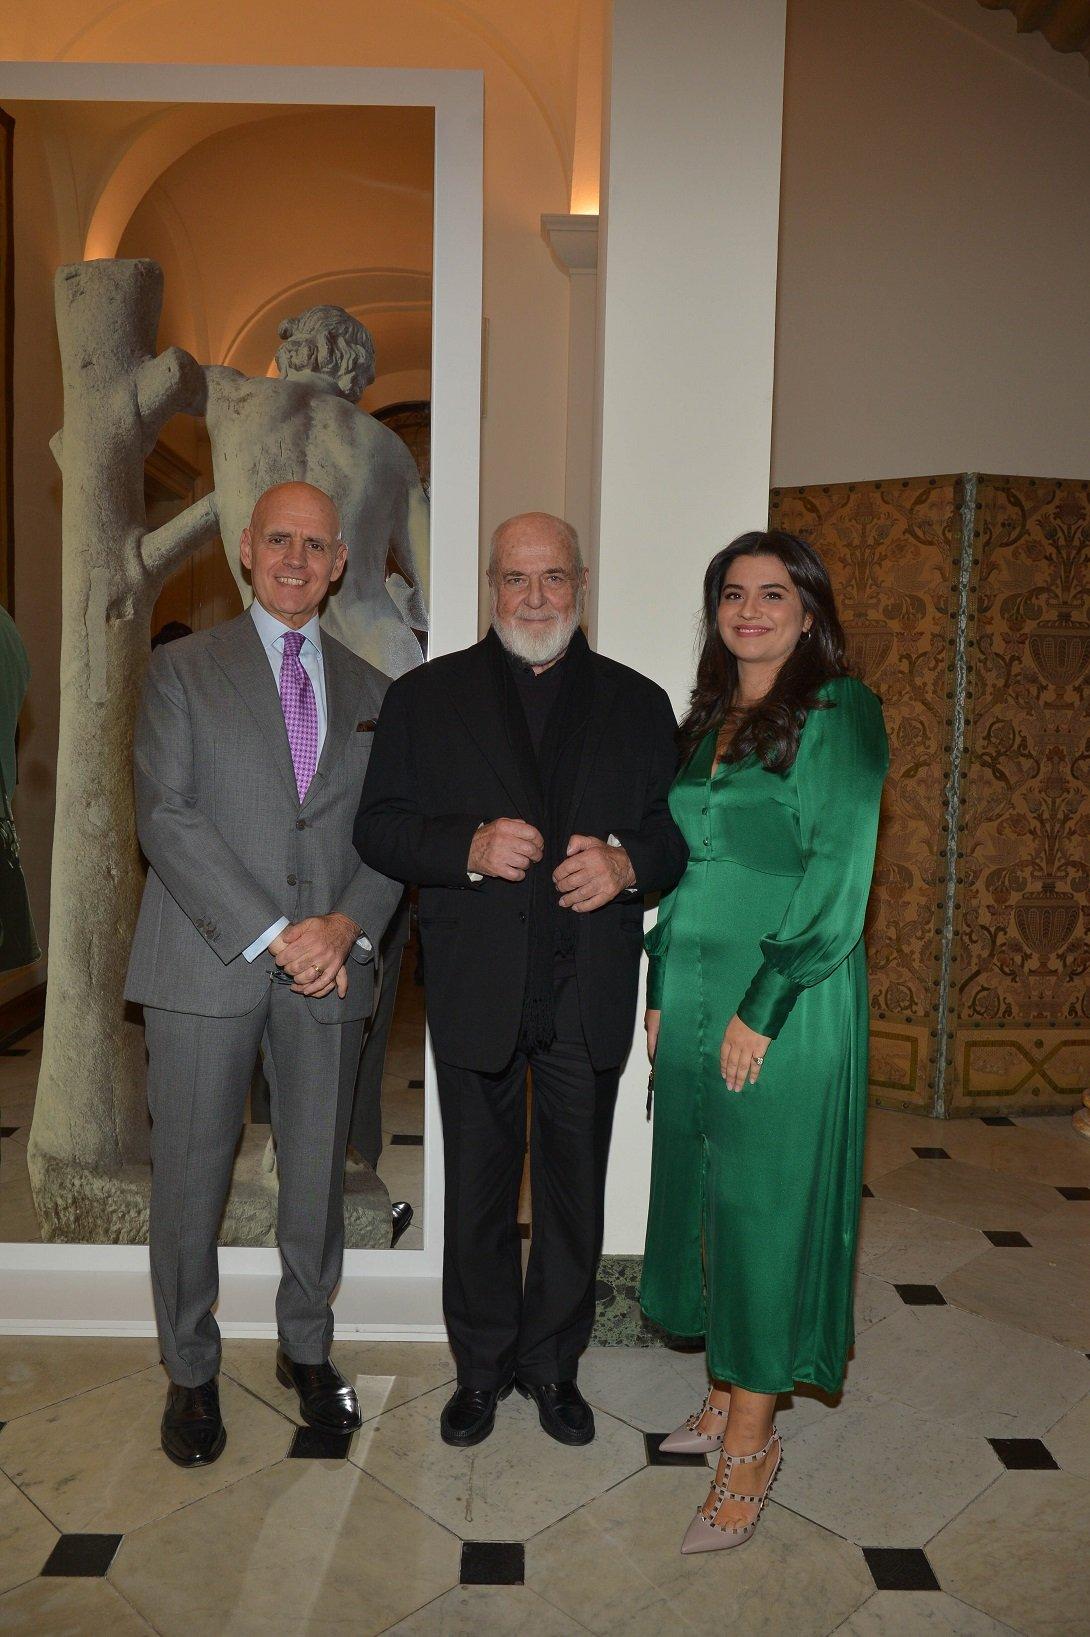 Michelangelo Pistoletto, l'Ambasciatore Raffaele Trombetta e Francesca Dell'Apa all'evento Italy at Frieze